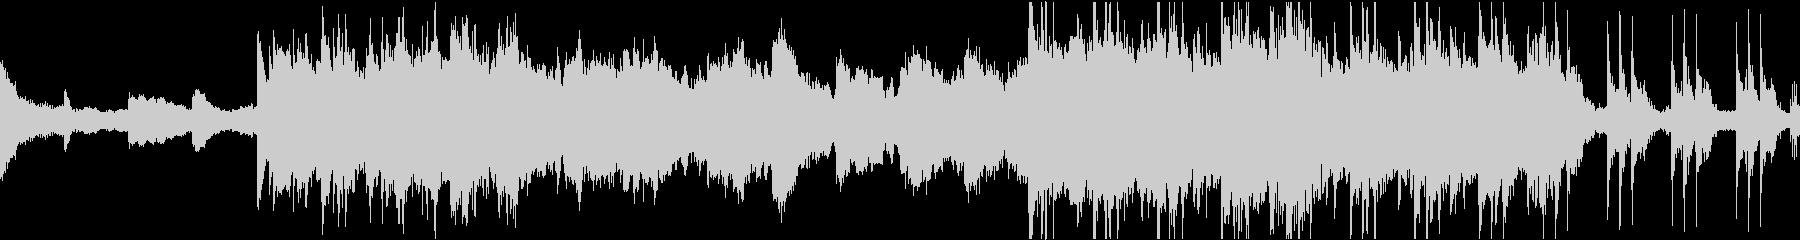 アンビエント 秘密 迷宮 謎 不思議RLの未再生の波形